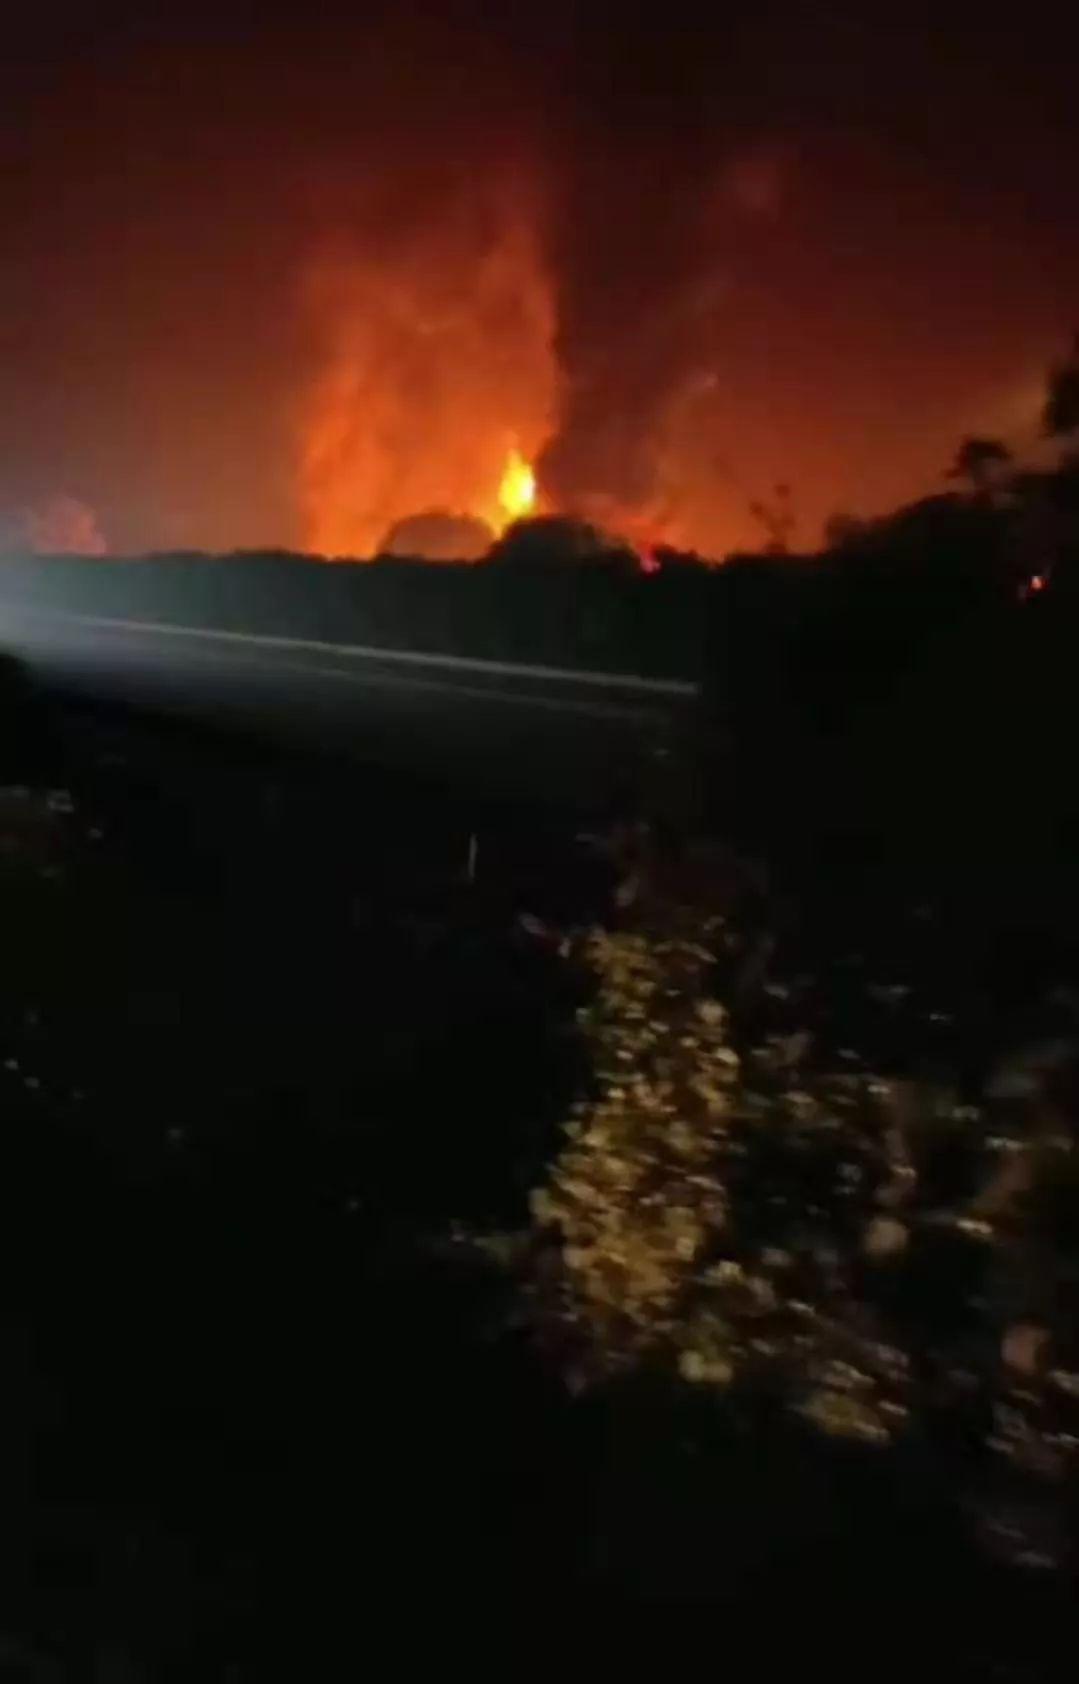 警情通报:昨夜天目湖服务区货车自燃,无人员伤亡